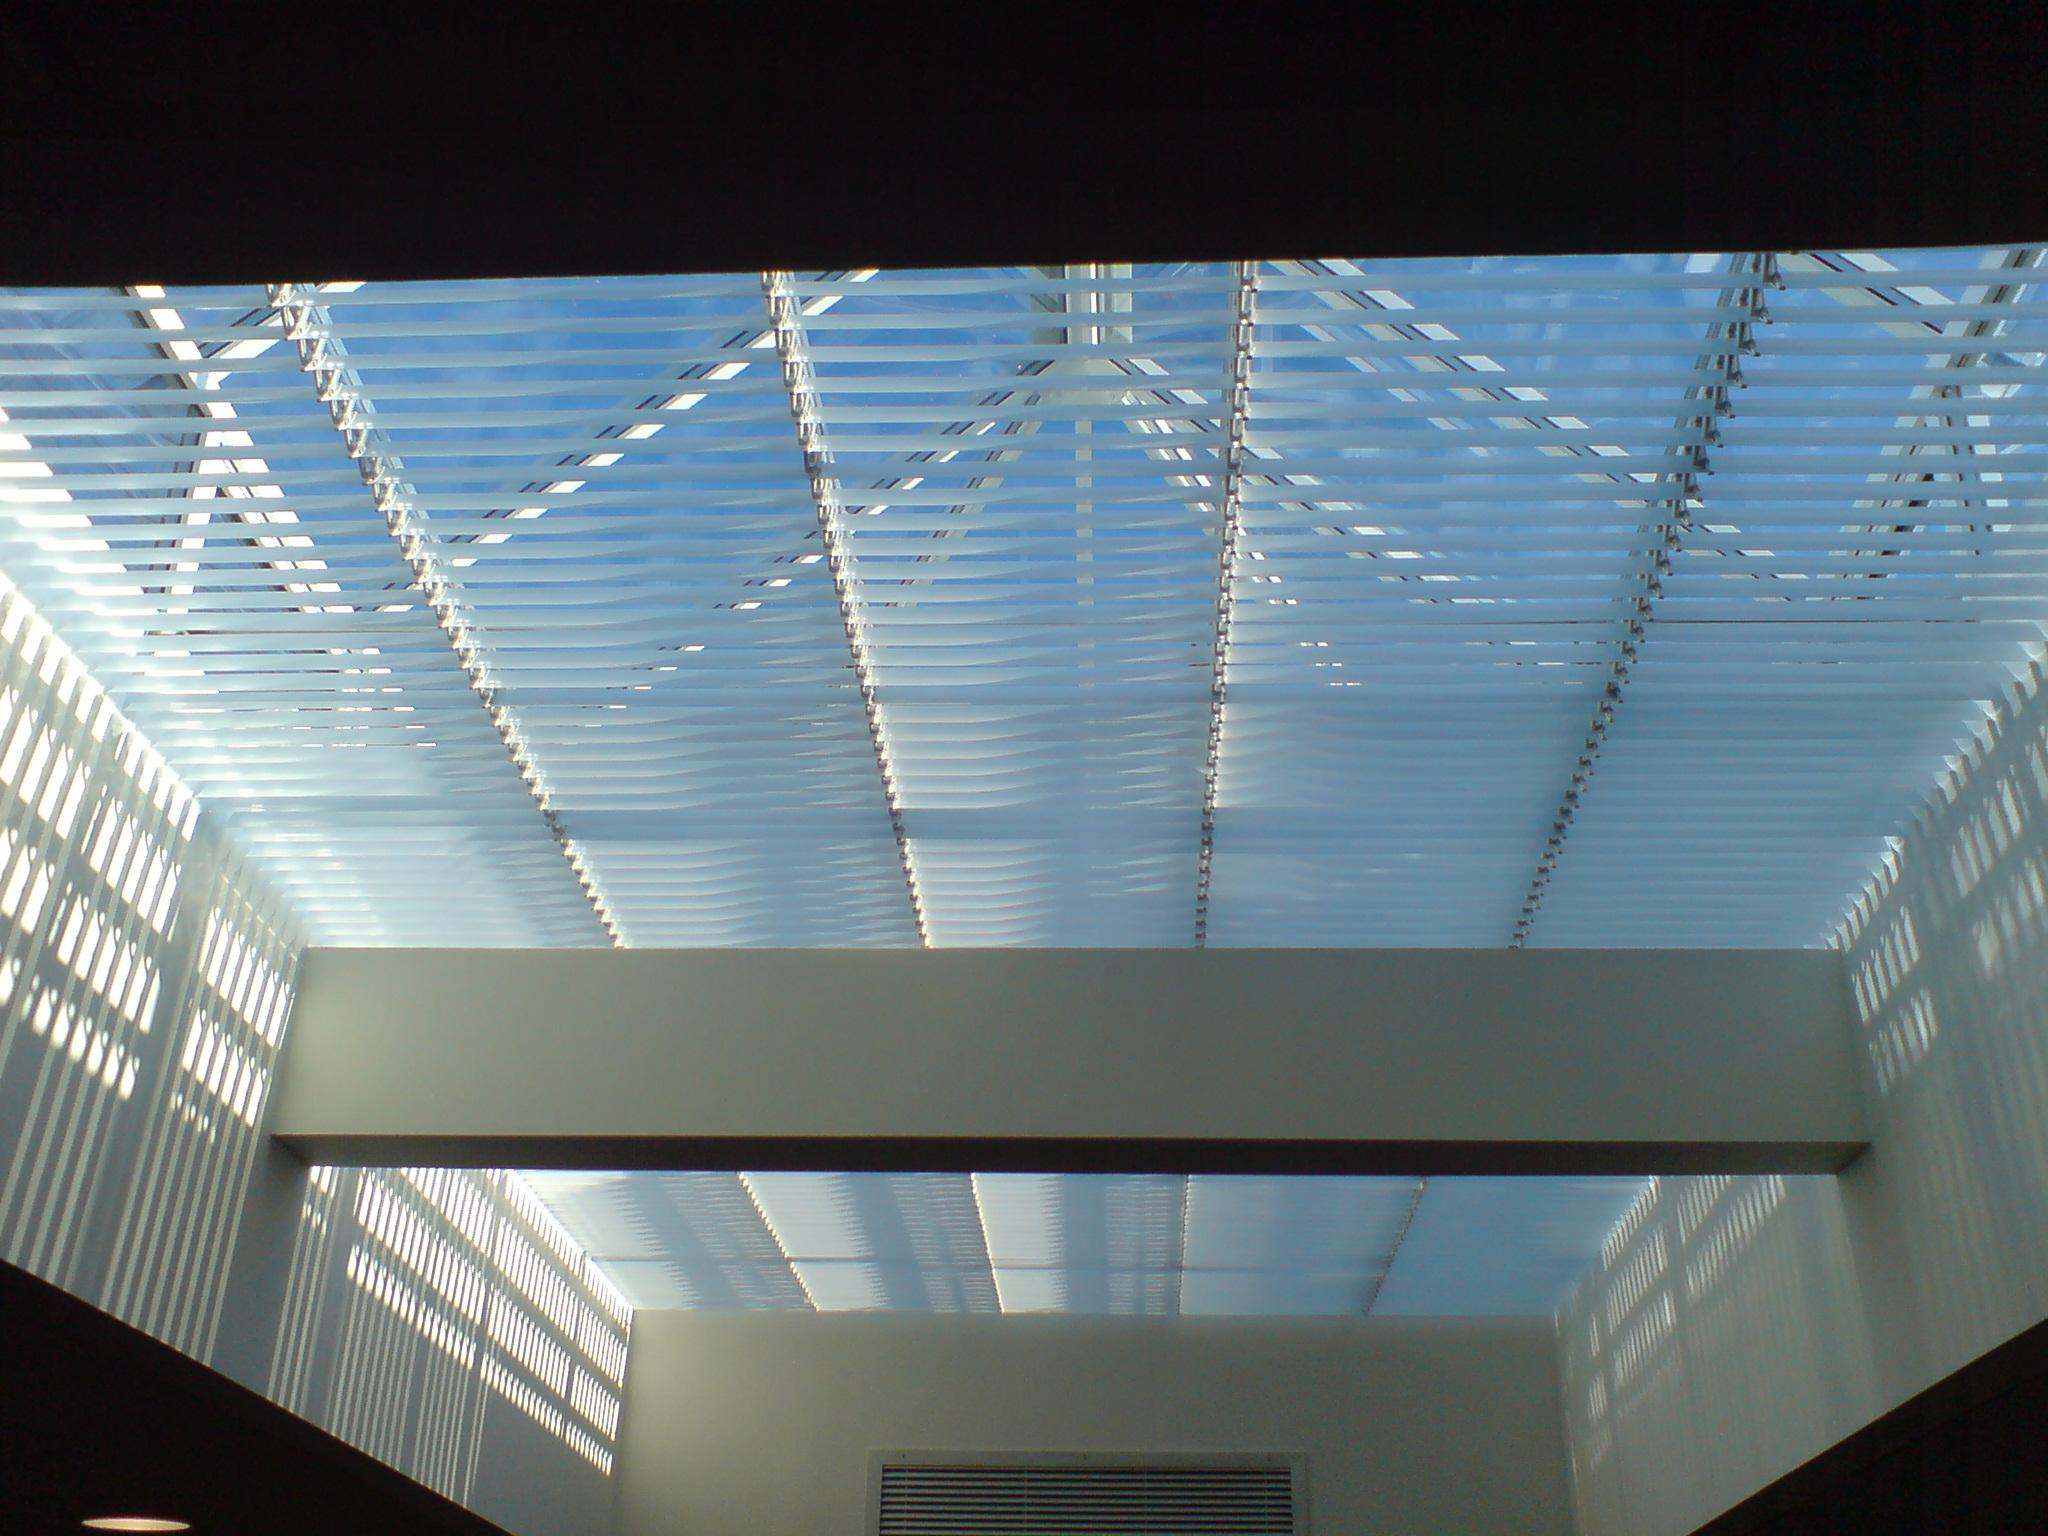 Rackarm skylight open